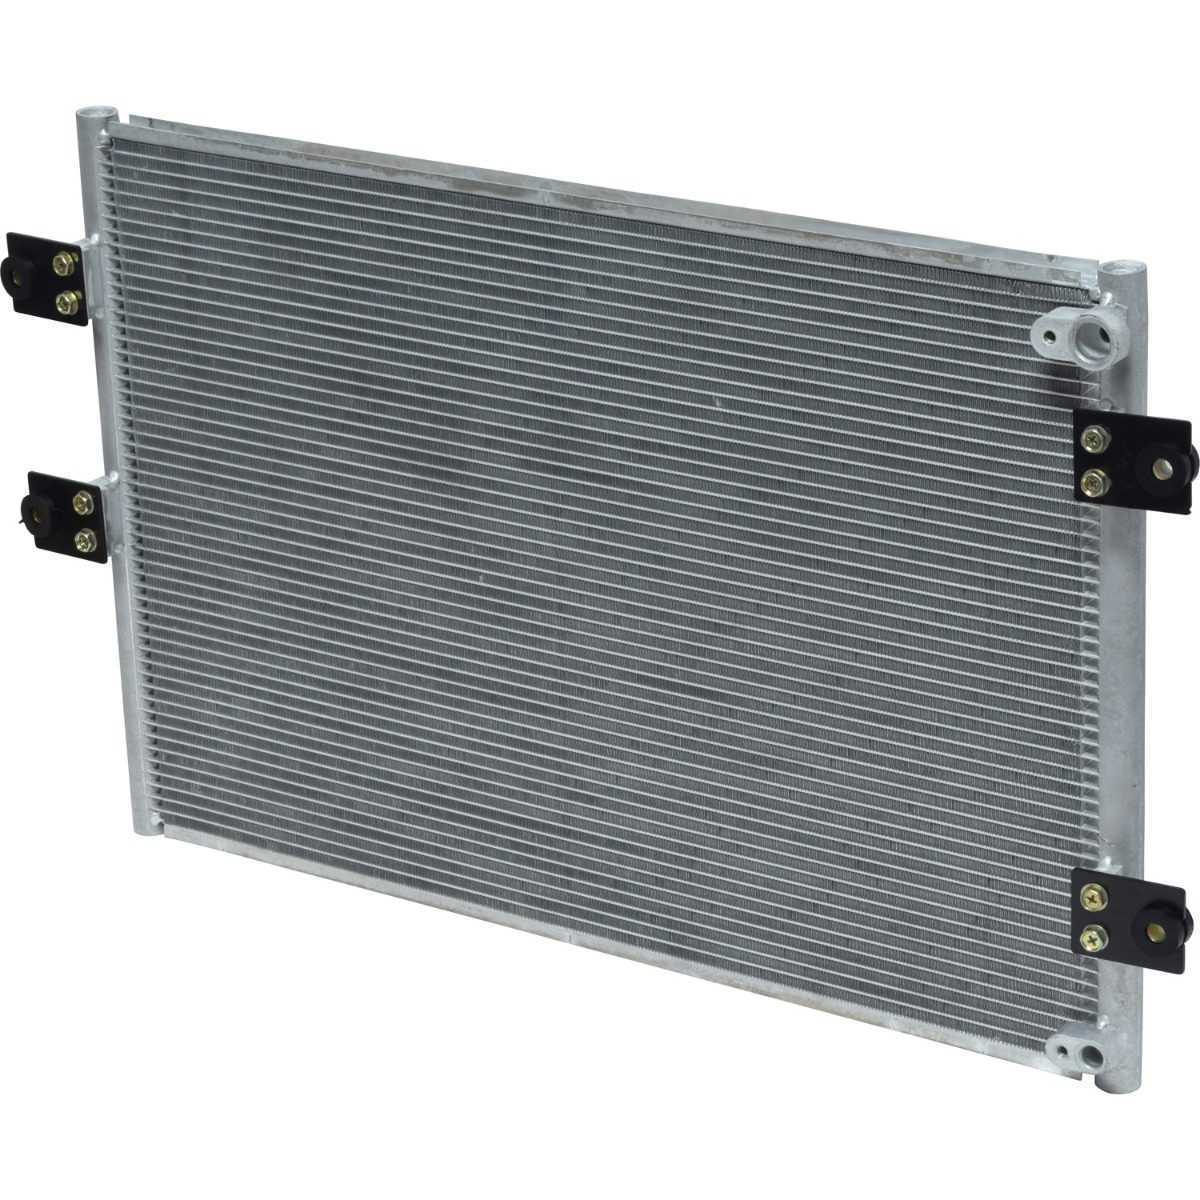 Condensador - Caterpillar 320D/Komatsu Pc350 Caterpillar 320D/Komatsu Pc350 Oem 2089797520/2457749/2358880